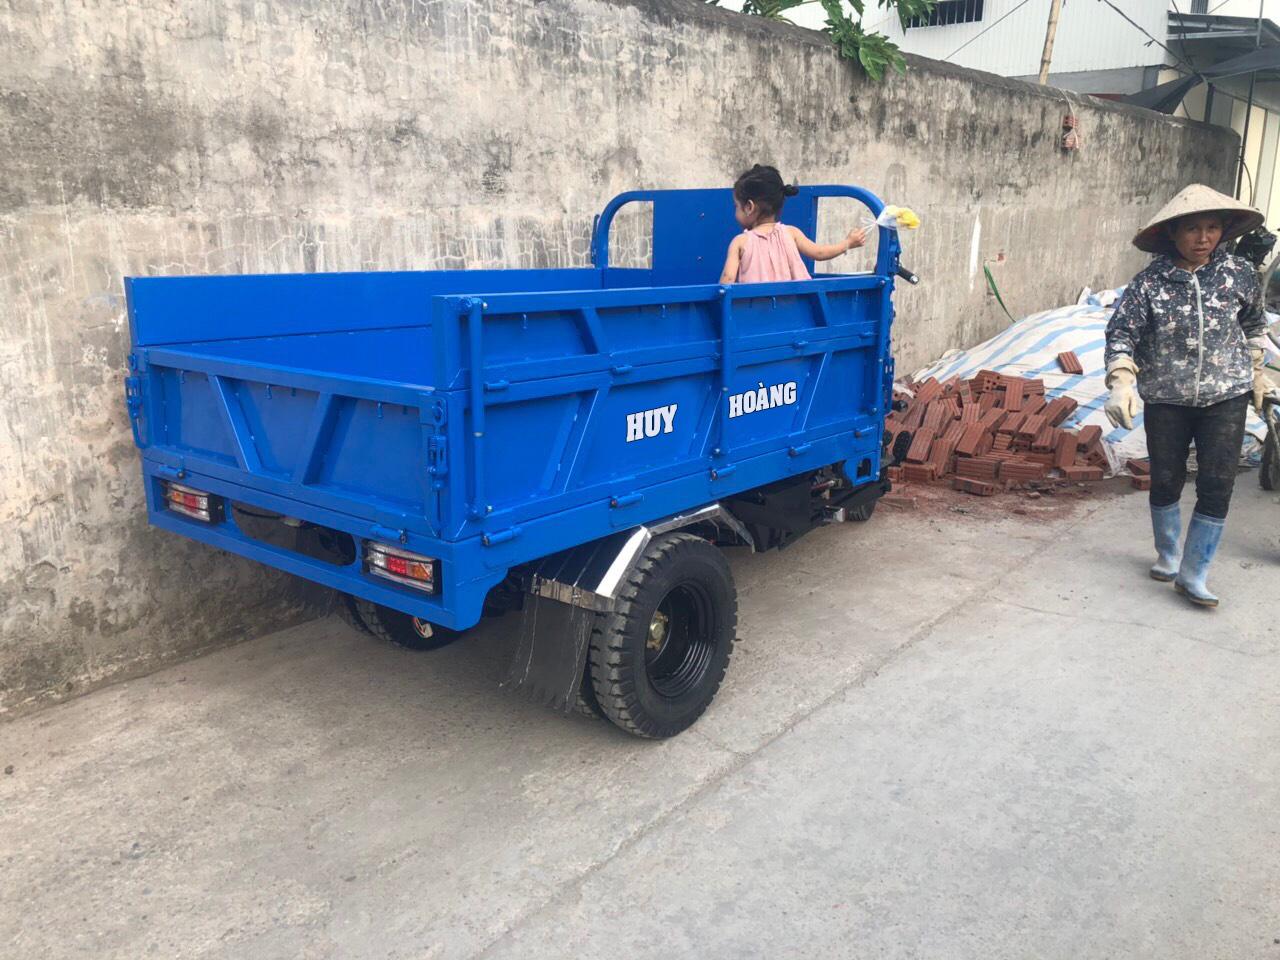 Kinh doanh dịch vụ xe ba gác ở Hà Tĩnh - Những bí quyết thành công